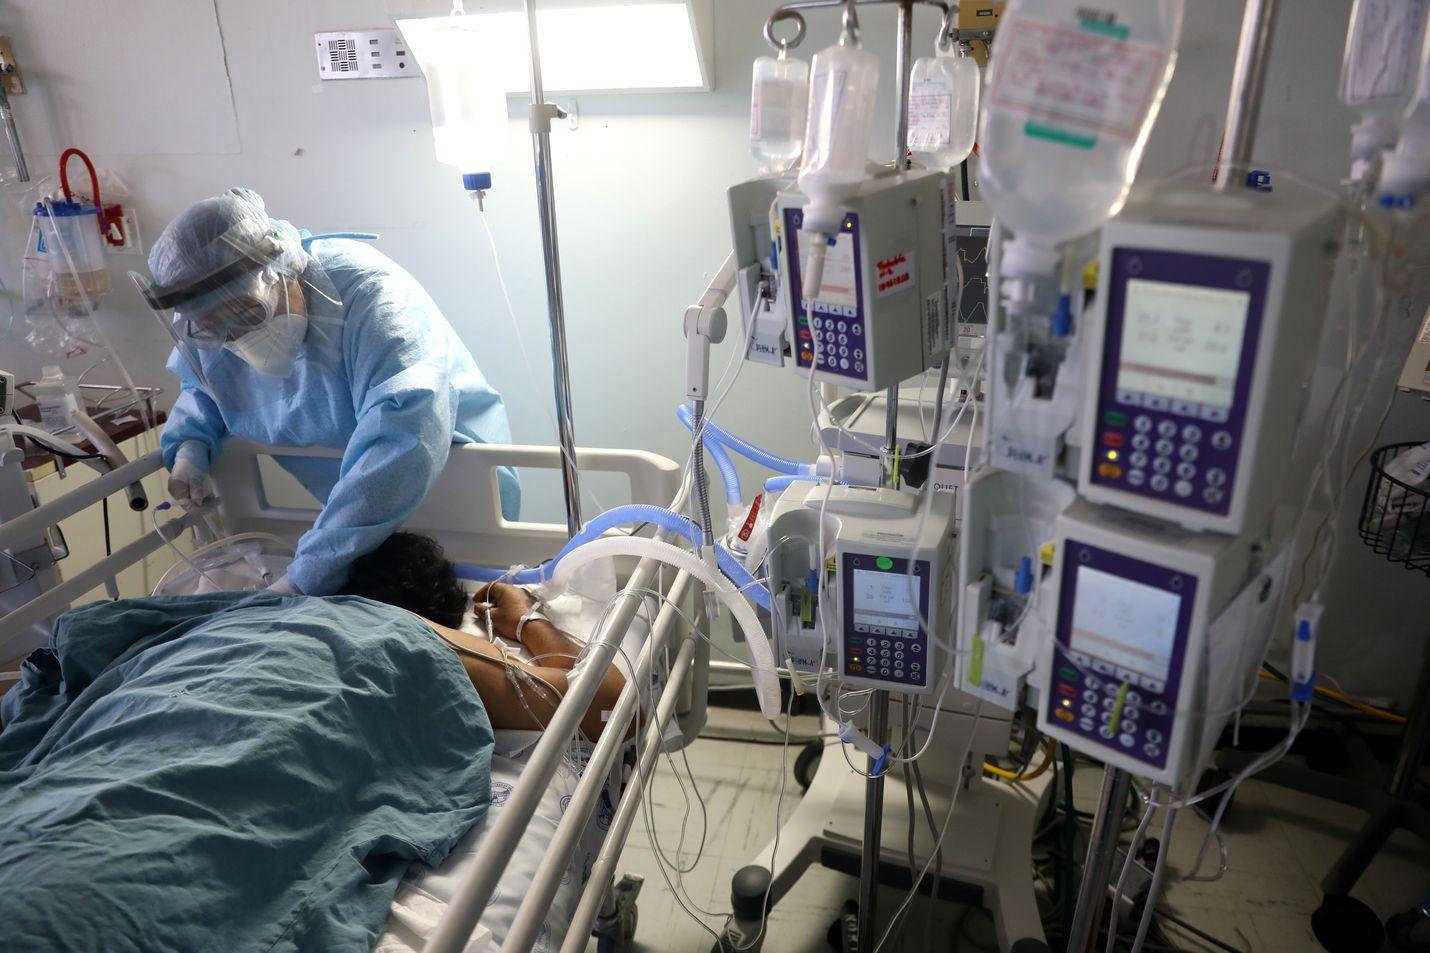 Koronaviruksen aiheuttamaan tautiin joudutaan antamaan usein hoitoa vatsa-asennossa vaikeiden hengitysongelmien vuoksi. Tämä kuva on sairaalasta Meksikossa. Väli- ja Etelä-Amerikasta on tullut viime päivinä koronapandemian keskus.